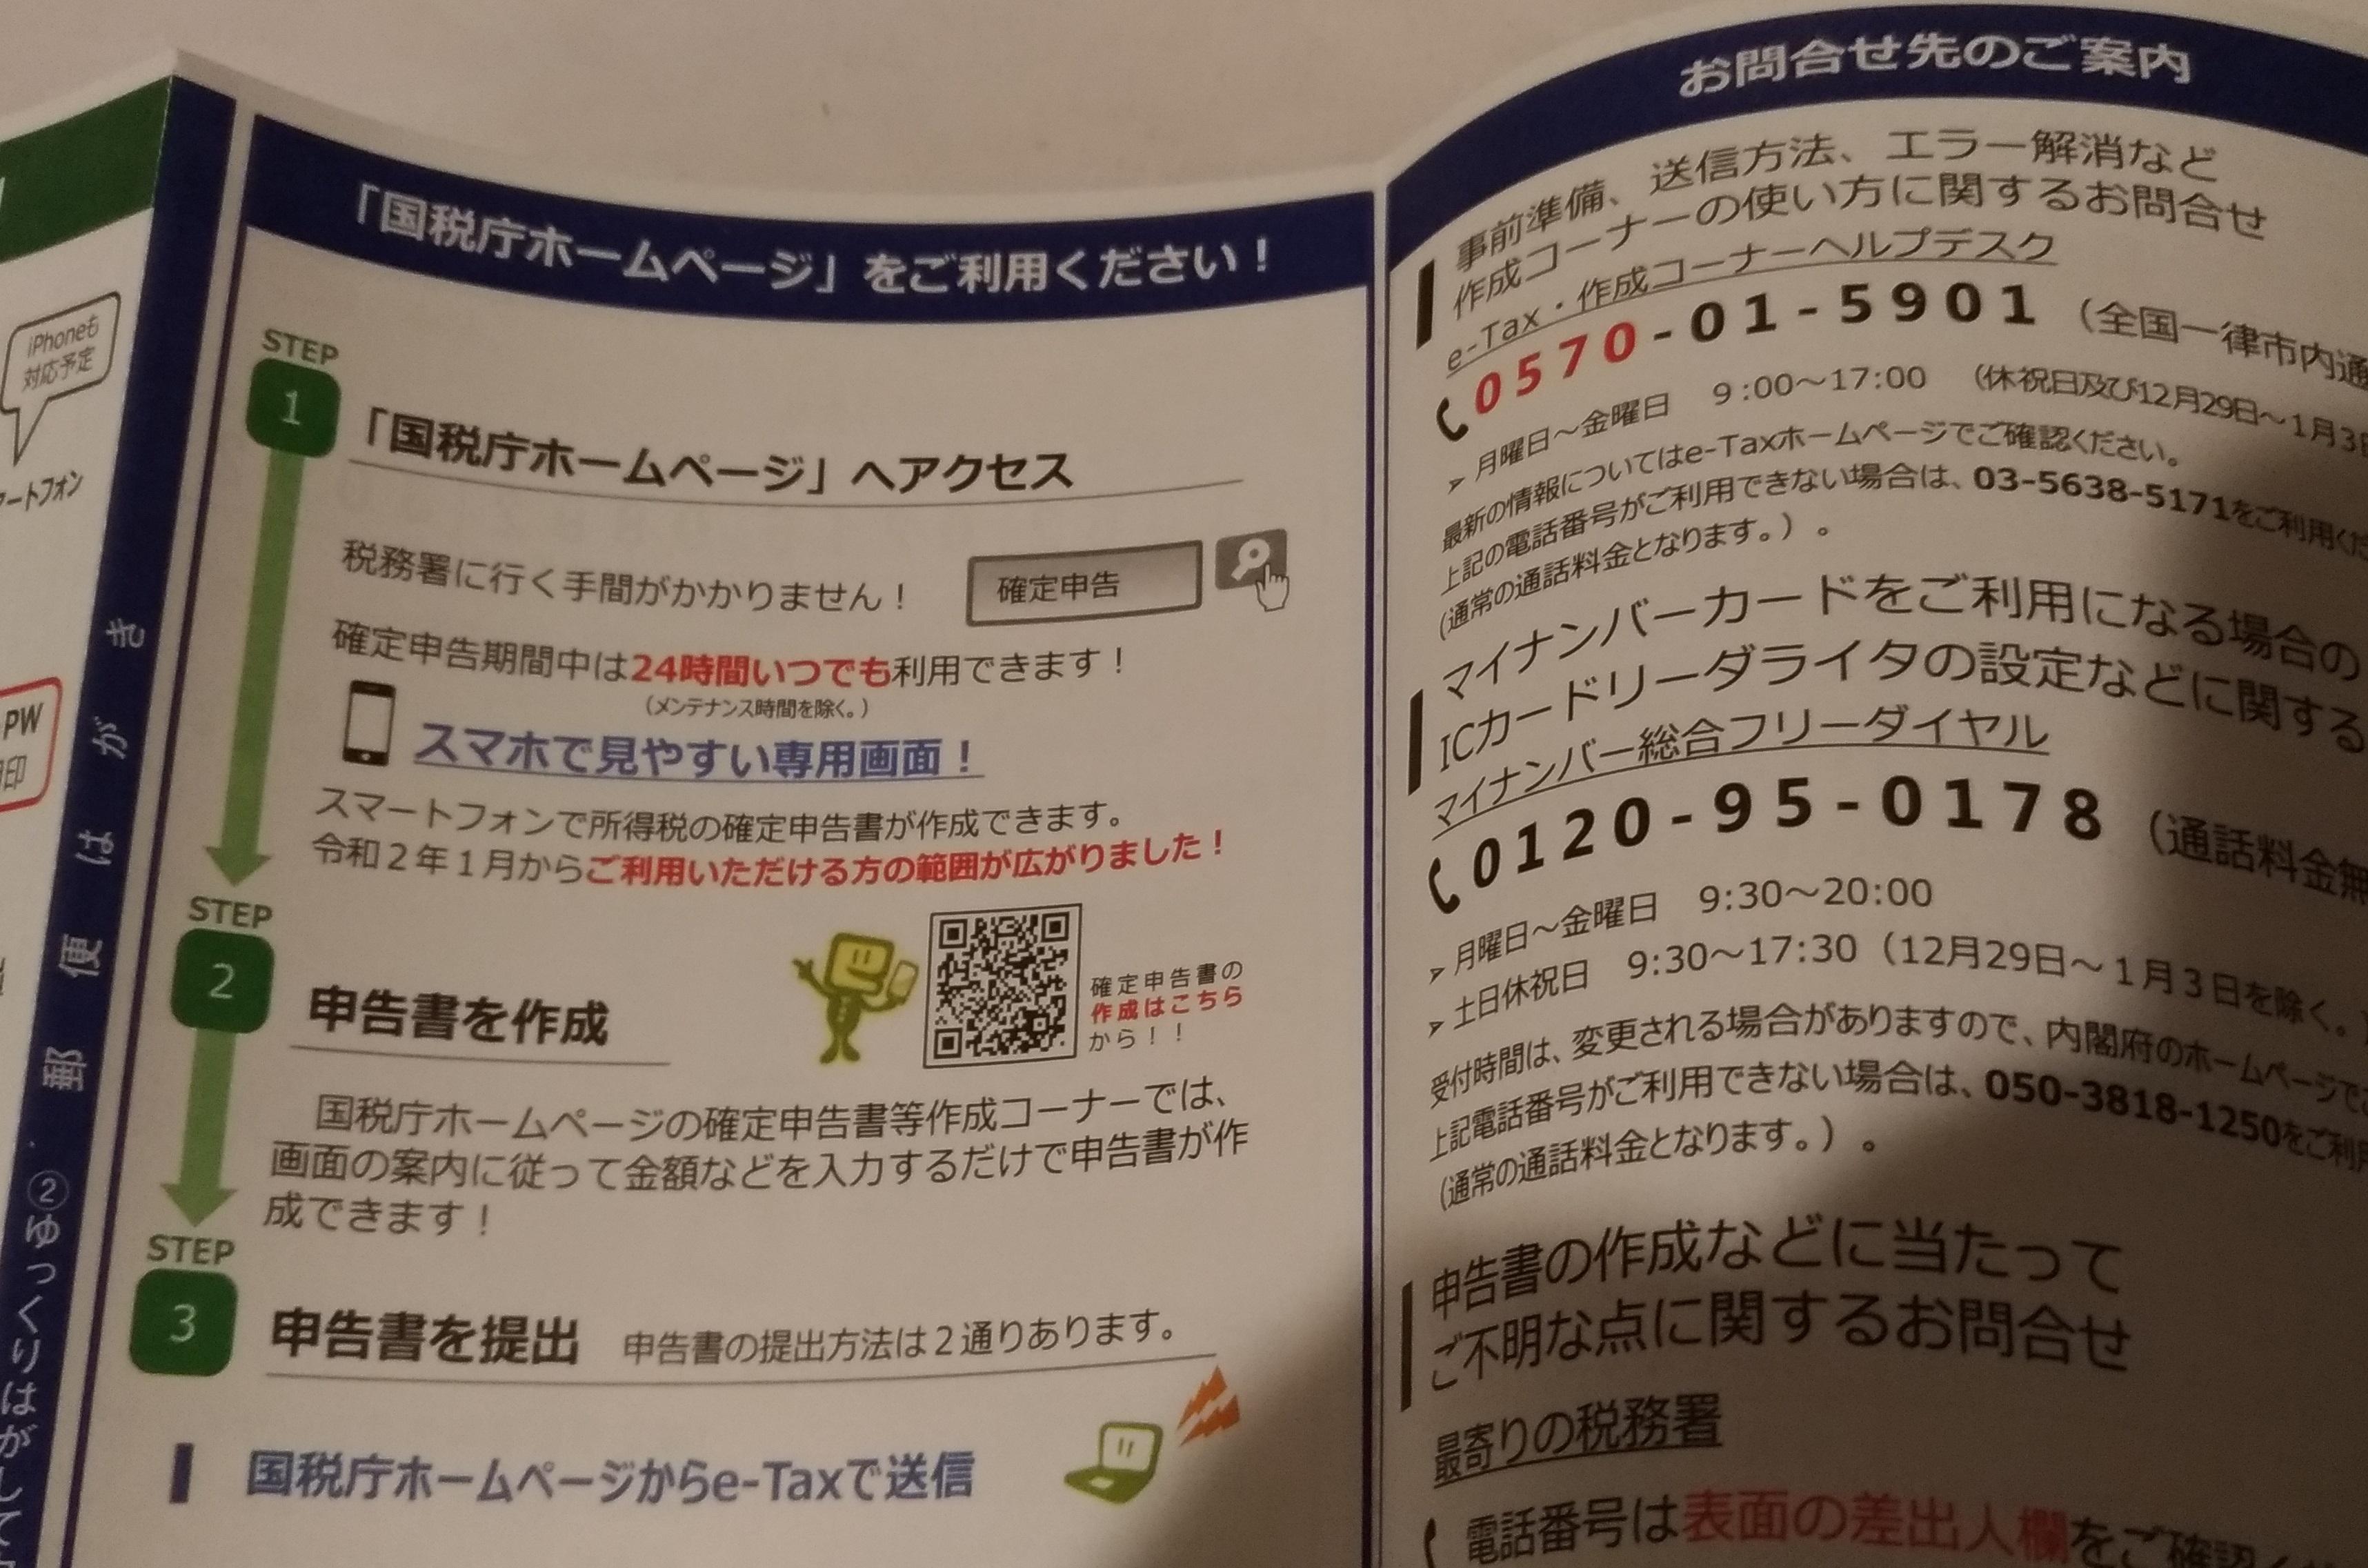 kakutei_shinkoku_2020_new_3.jpg